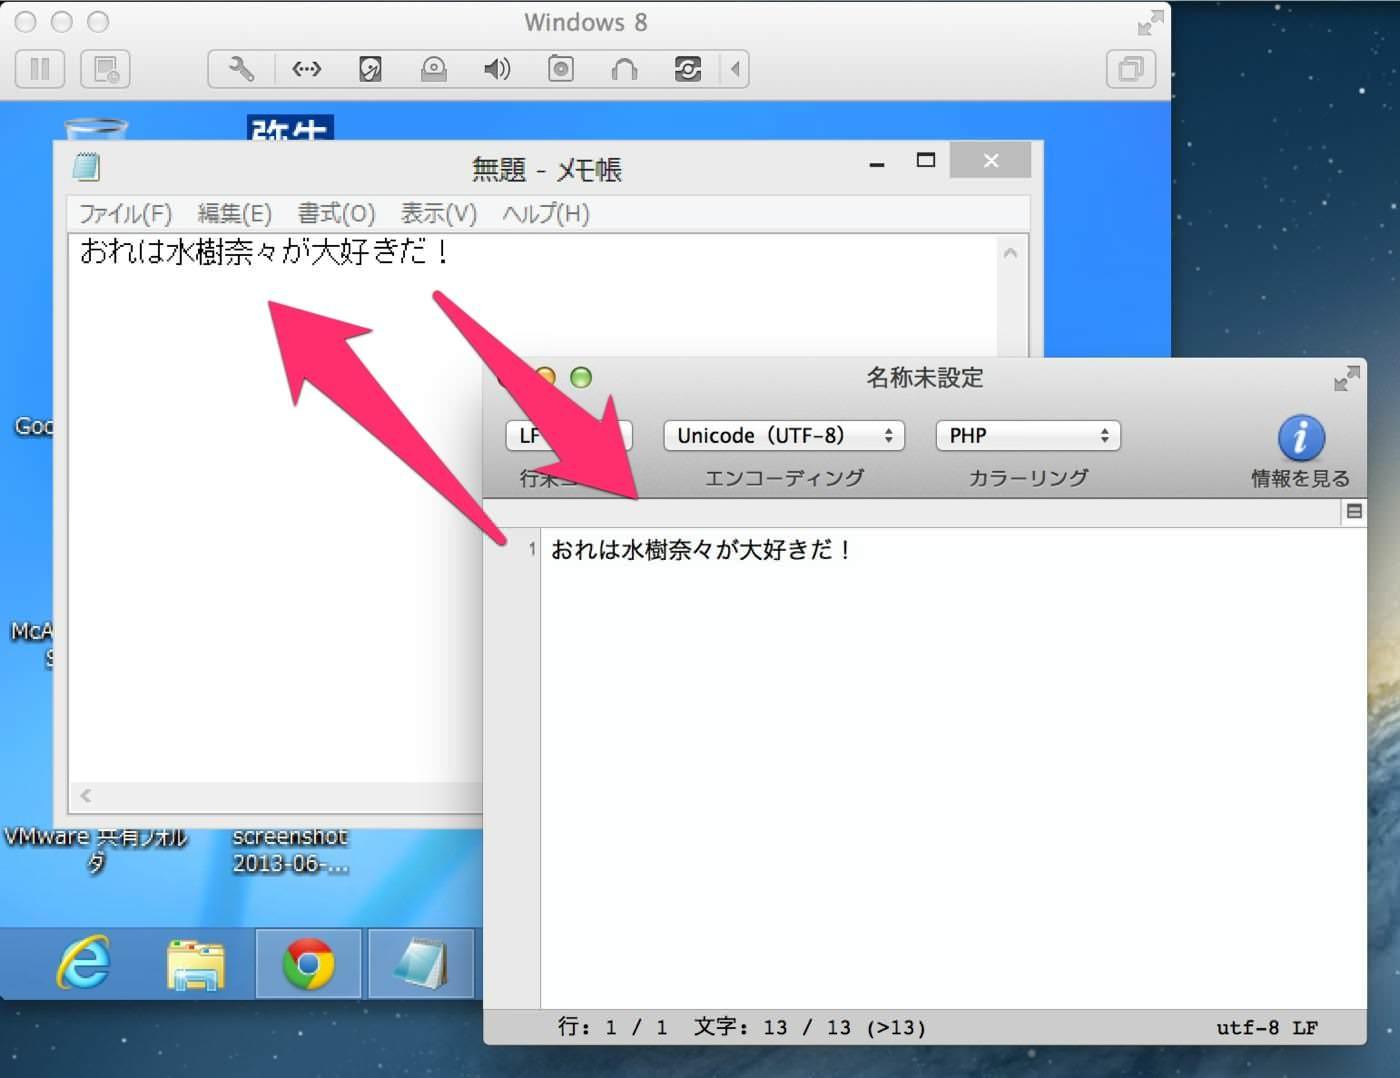 Vmware toolsでMac-Win間のテキストのコピペが可能に。